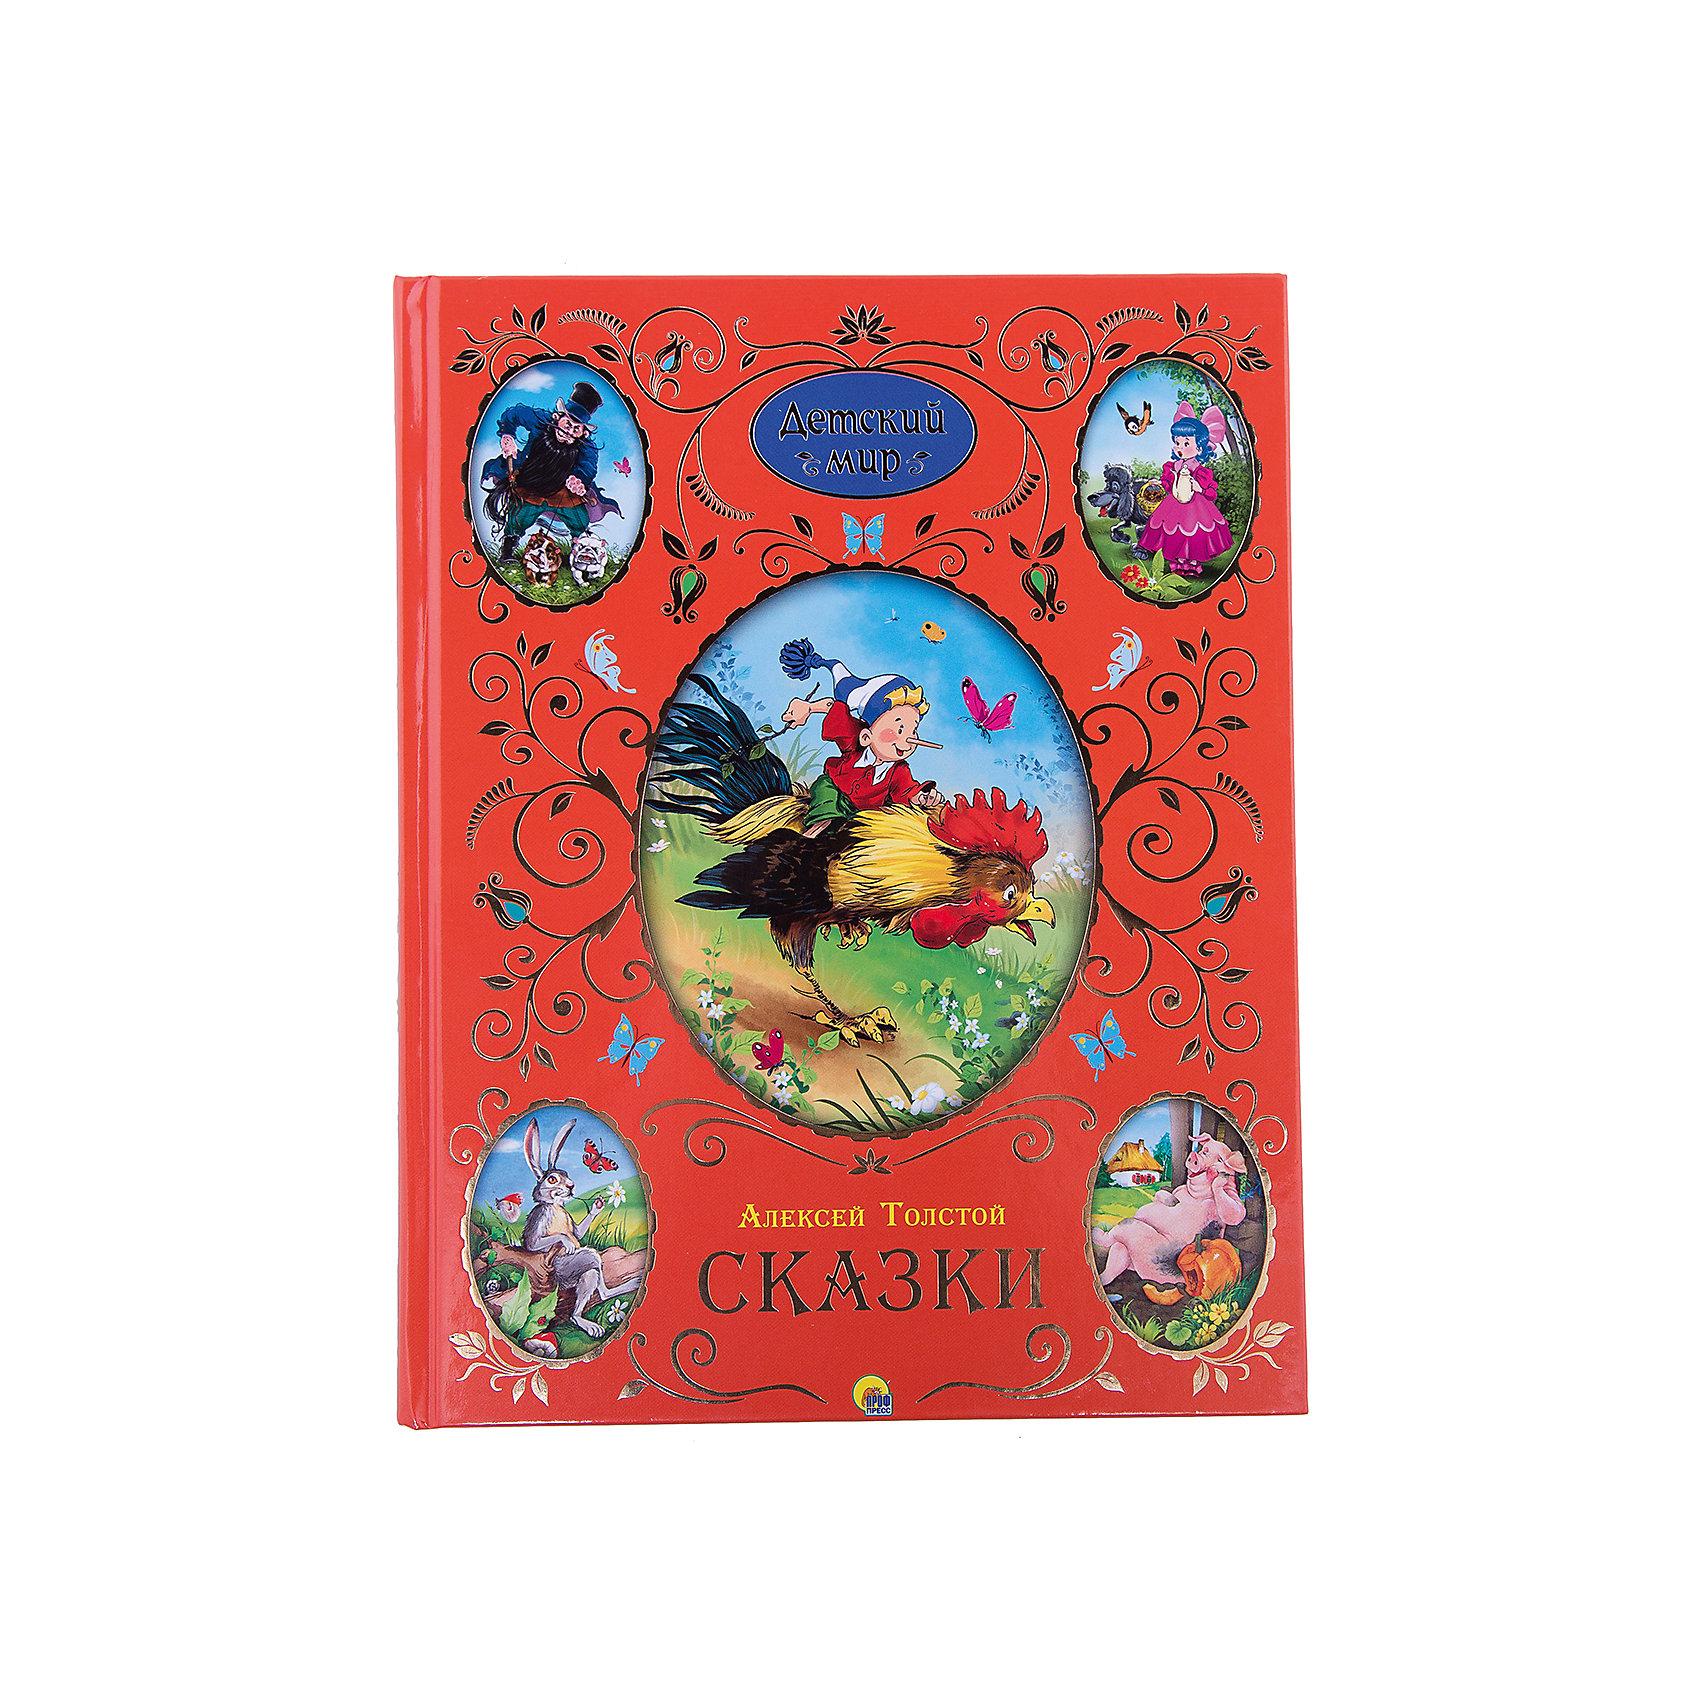 Лучшие произведения для детей, А.Н. Толстой Детский мирТолстой А.Н.<br>Произведения Алексея Толстого - это любимая классика, на которой выросло не одно поколение читателей. В книге собраны лучшие произведения для малышей: замечательная история Золотой ключик, или Приключения Буратино, а также знаменитые поучительные Сорочьи сказки. Яркие и живые, но в то же время кукольные иллюстрации как нельзя лучше сочетаются с повествованием о деревянном человечке. А вот к сказкам, написанным в духе русских народных, картинки выполнены более реалистично. Каждый маленький читатель найдёт историю на свой вкус!<br>Для чтения родителями детям.<br><br>Ширина мм: 207<br>Глубина мм: 26<br>Высота мм: 260<br>Вес г: 720<br>Возраст от месяцев: 24<br>Возраст до месяцев: 84<br>Пол: Унисекс<br>Возраст: Детский<br>SKU: 4795439